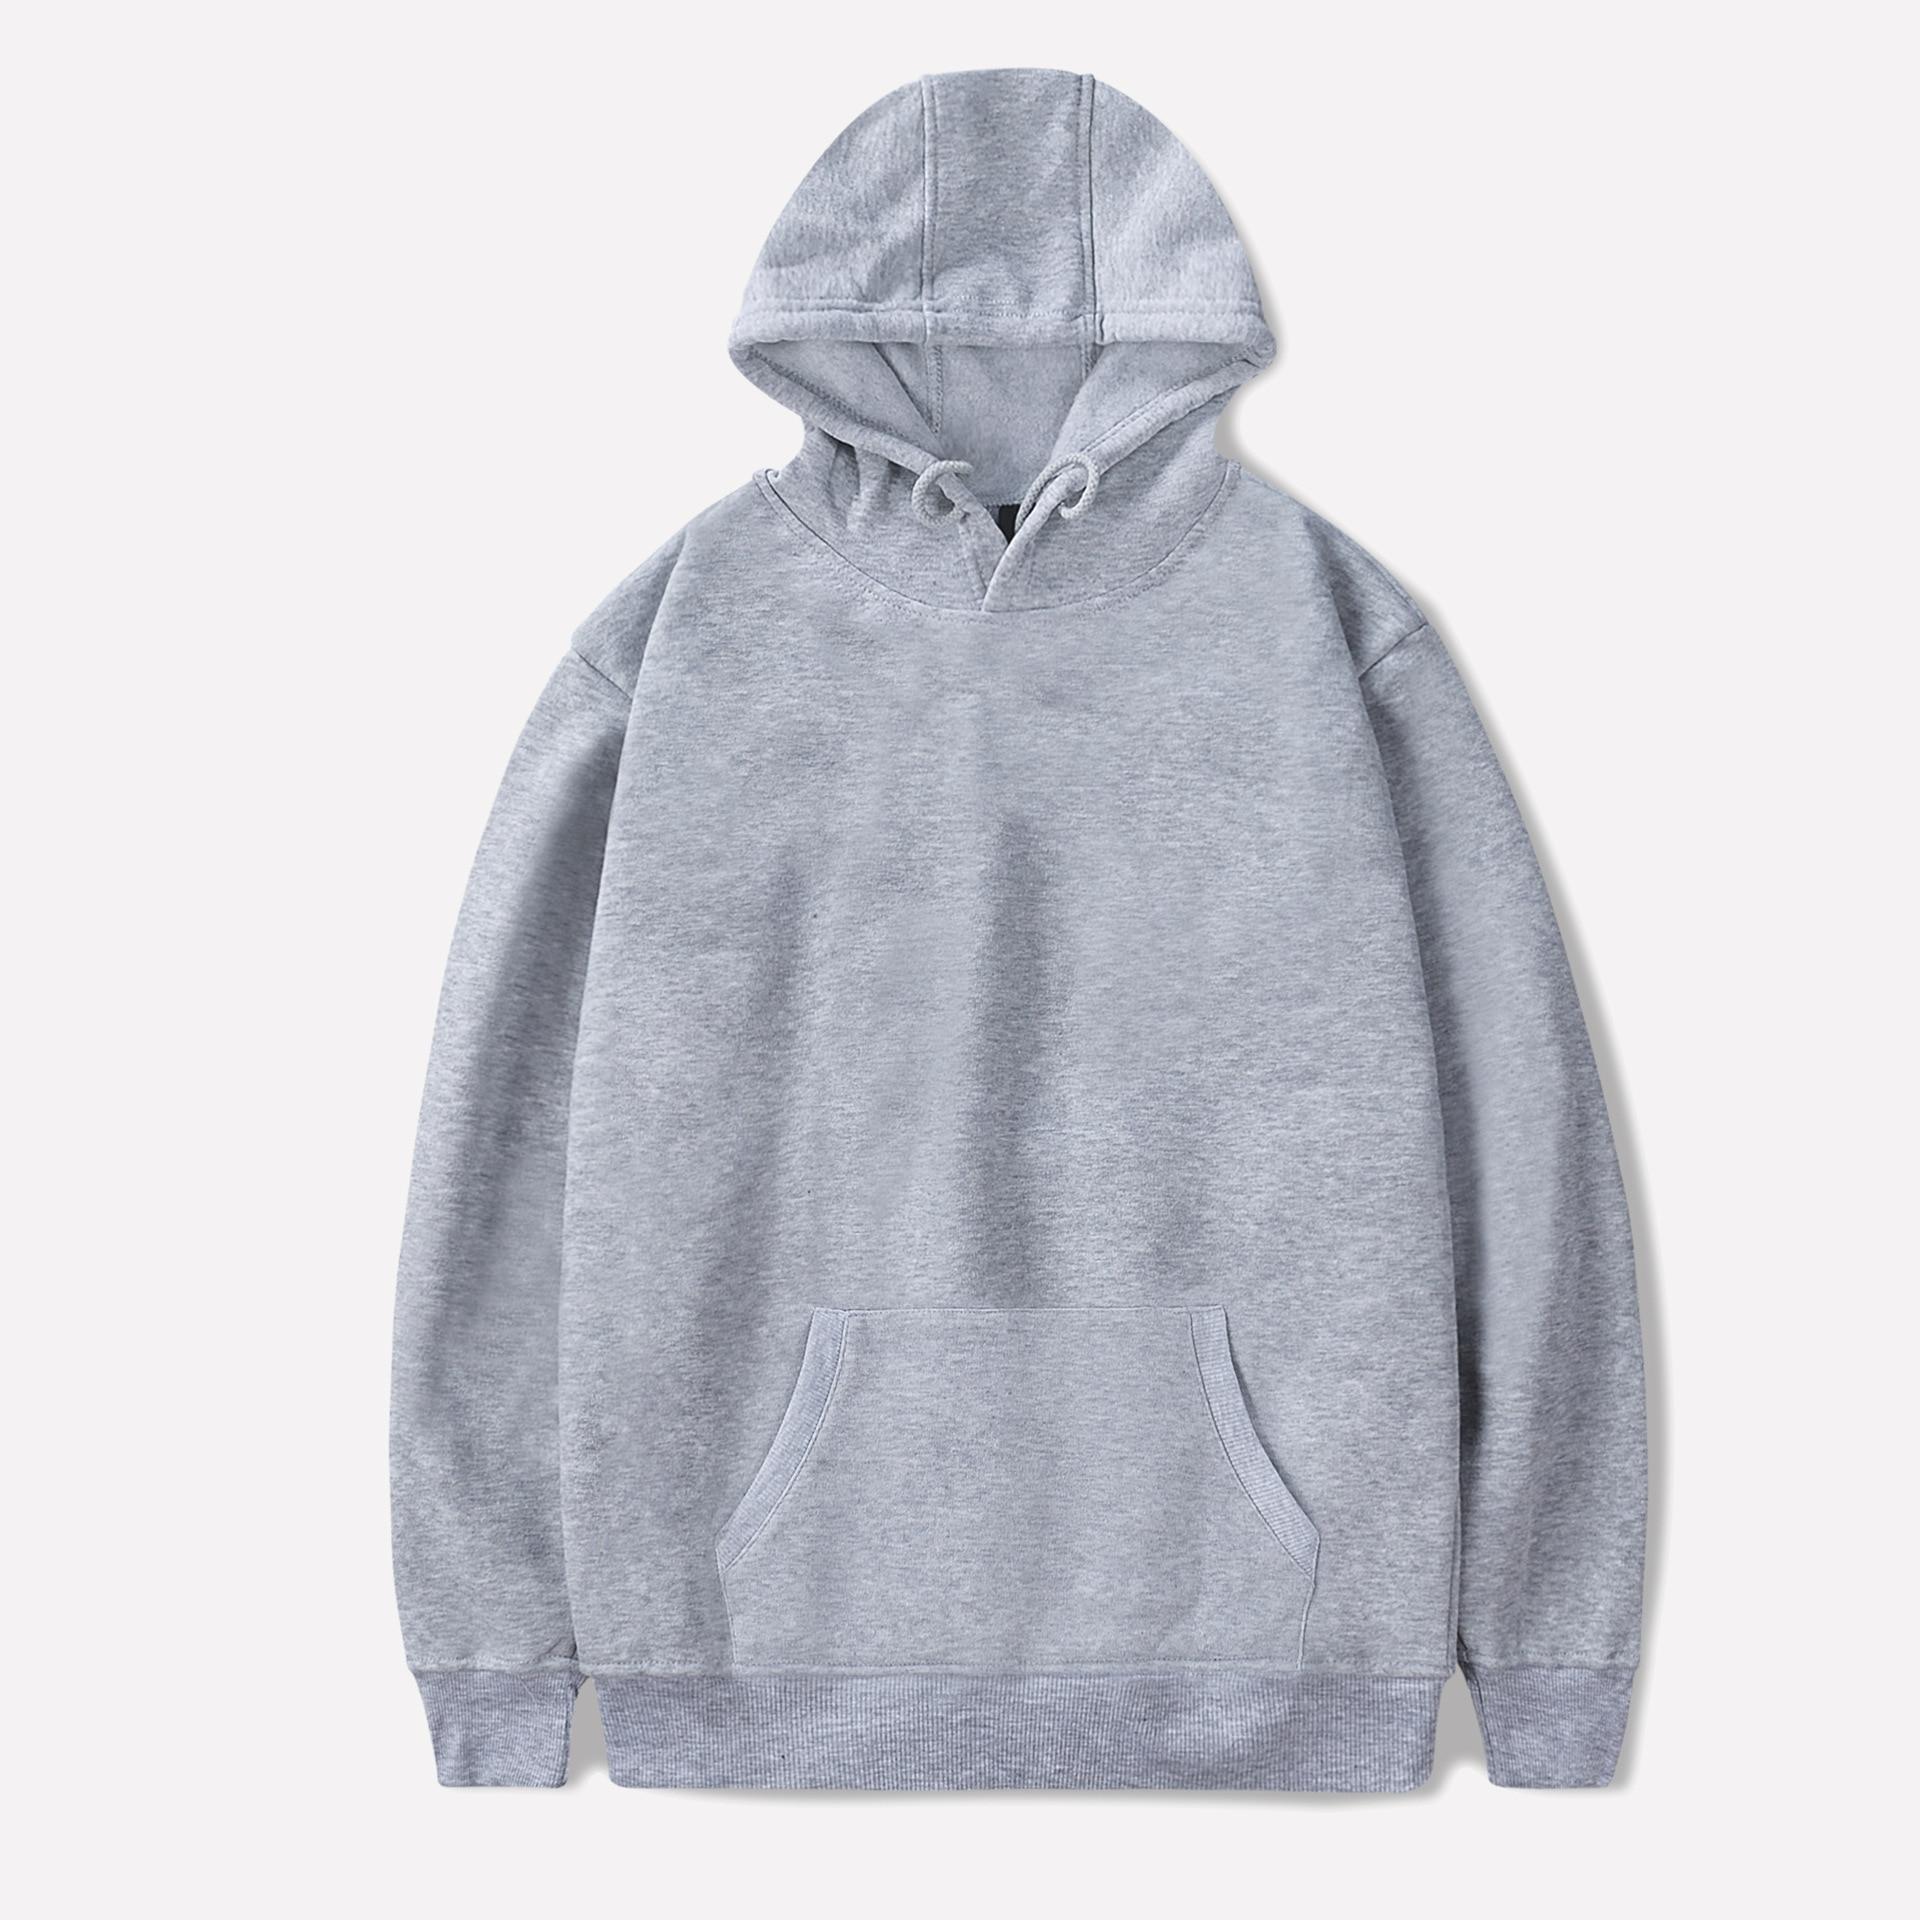 Hot Sweatshirt Harajuku Women Clothing 2019 New Street Hooded Sweatshirt With Hood Winter Couple Lovers Sweatshirt Coat YW13